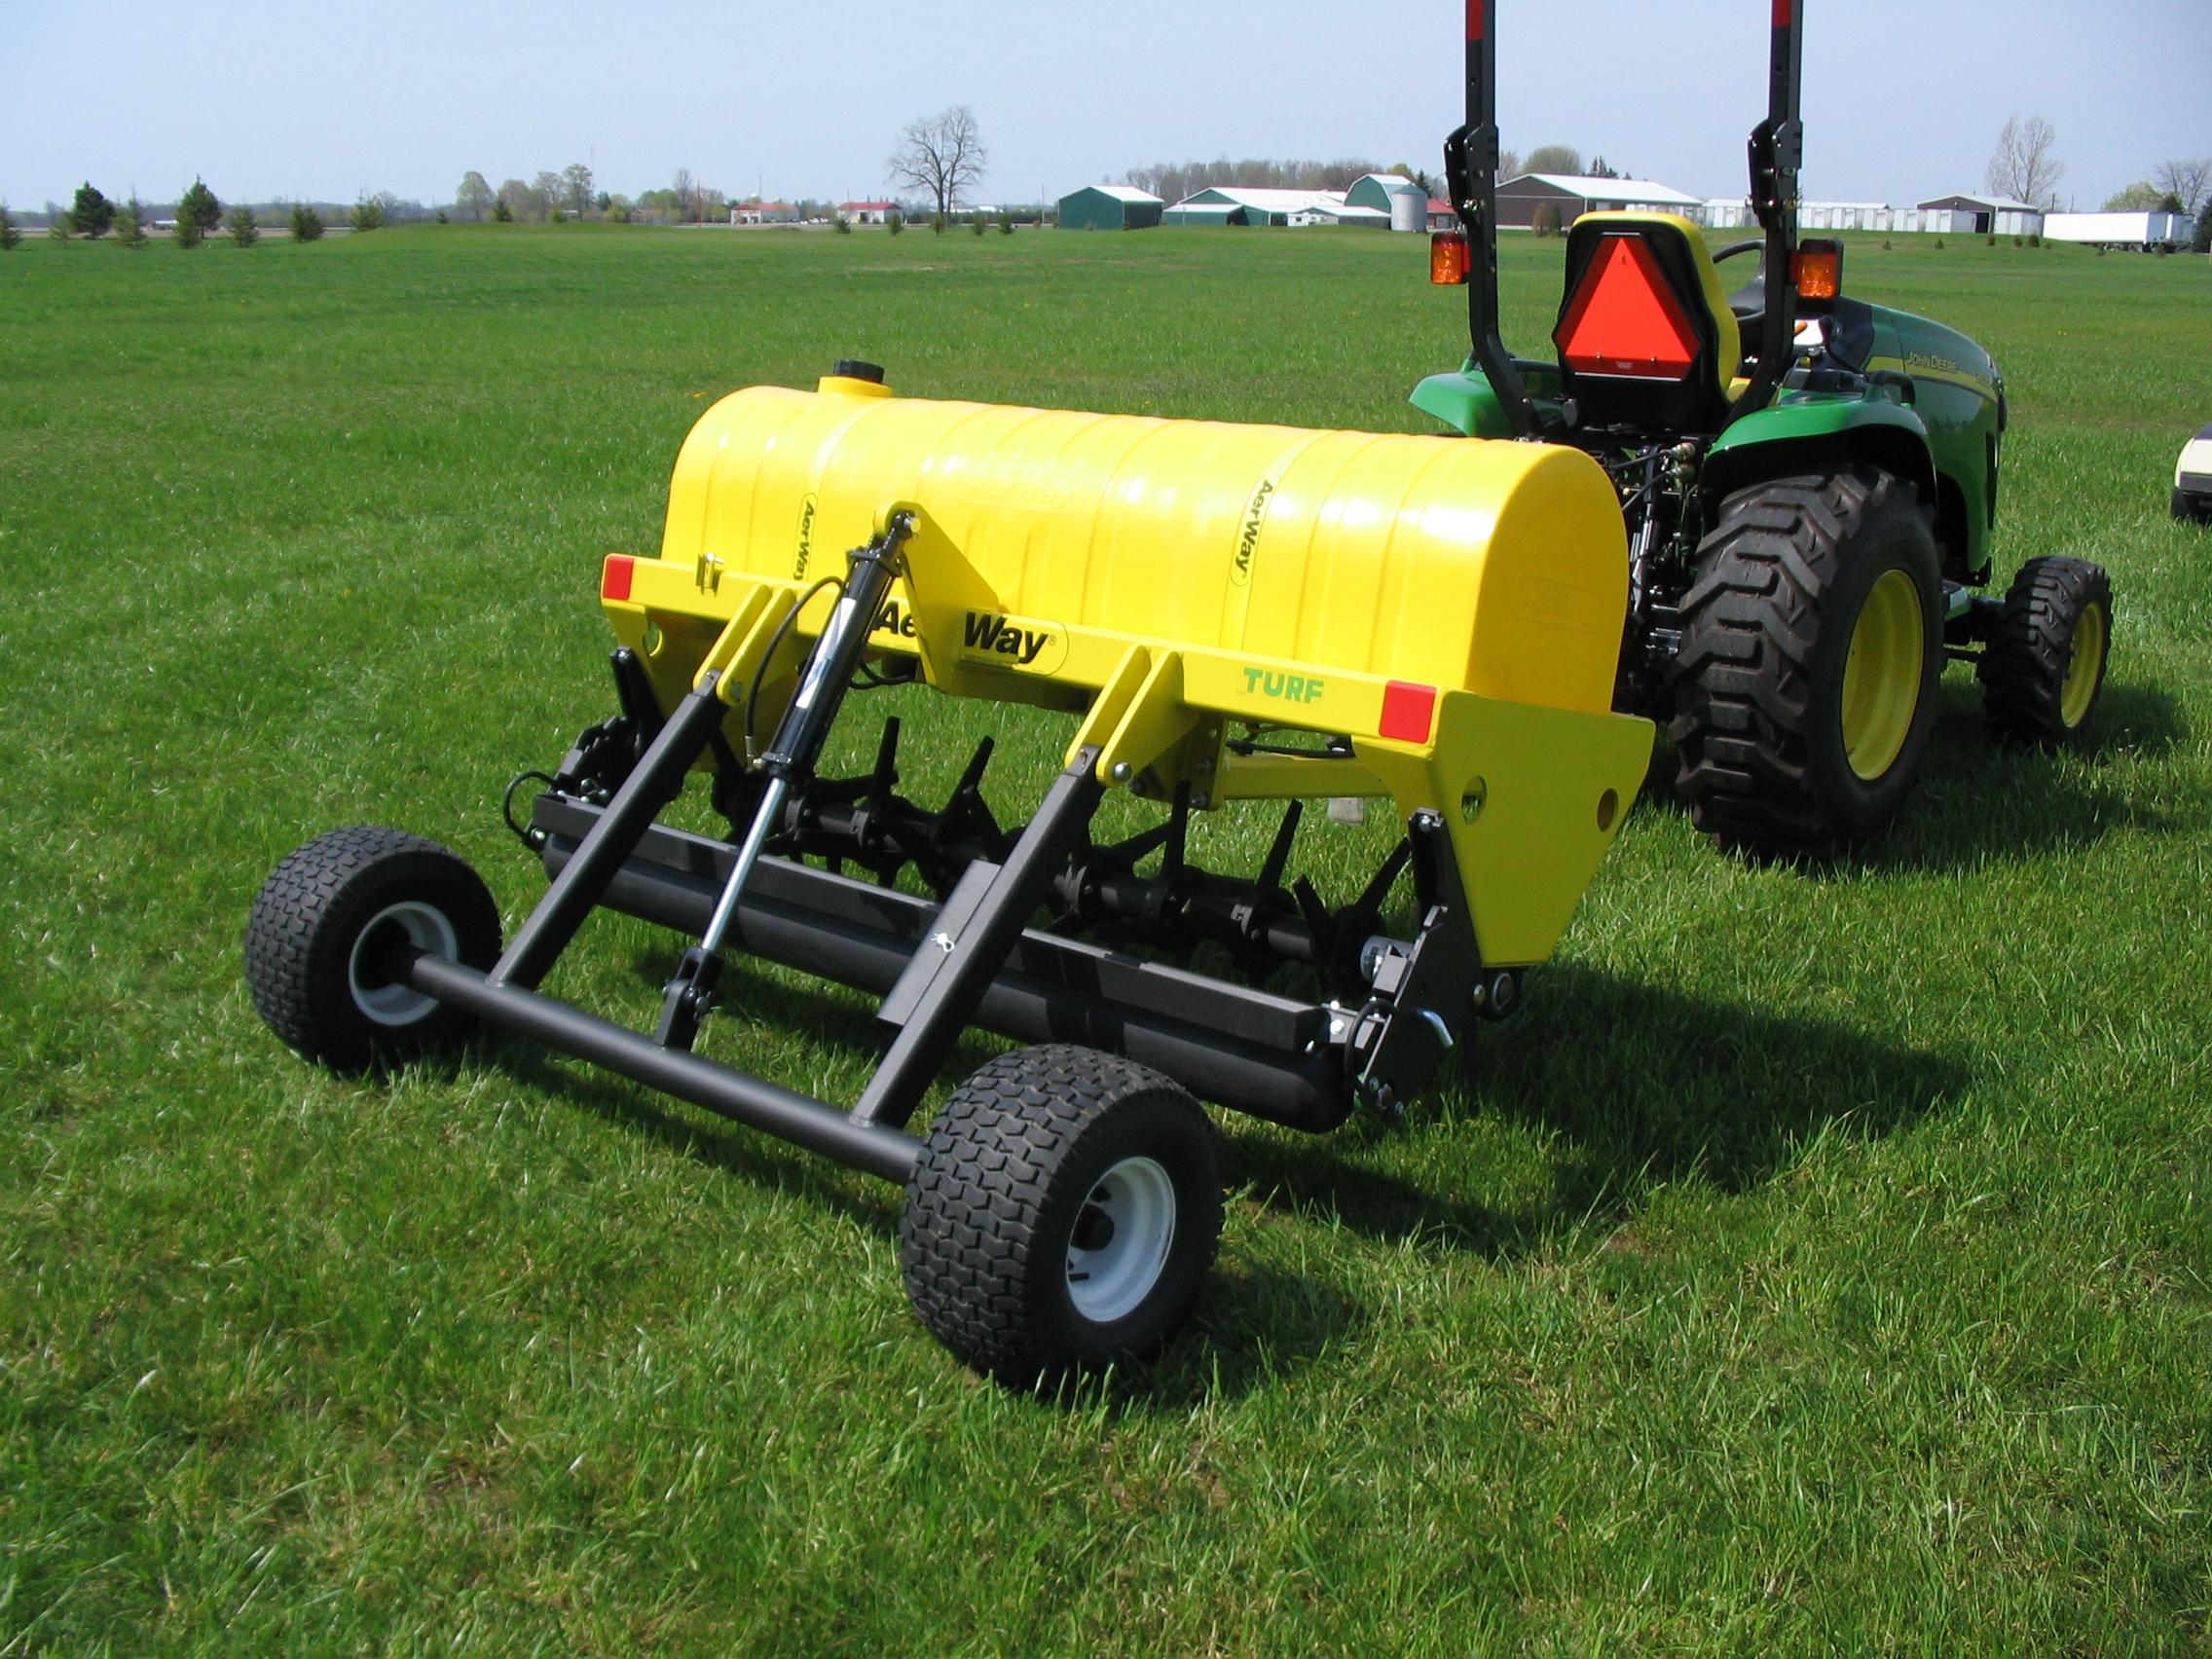 Aerway equipment